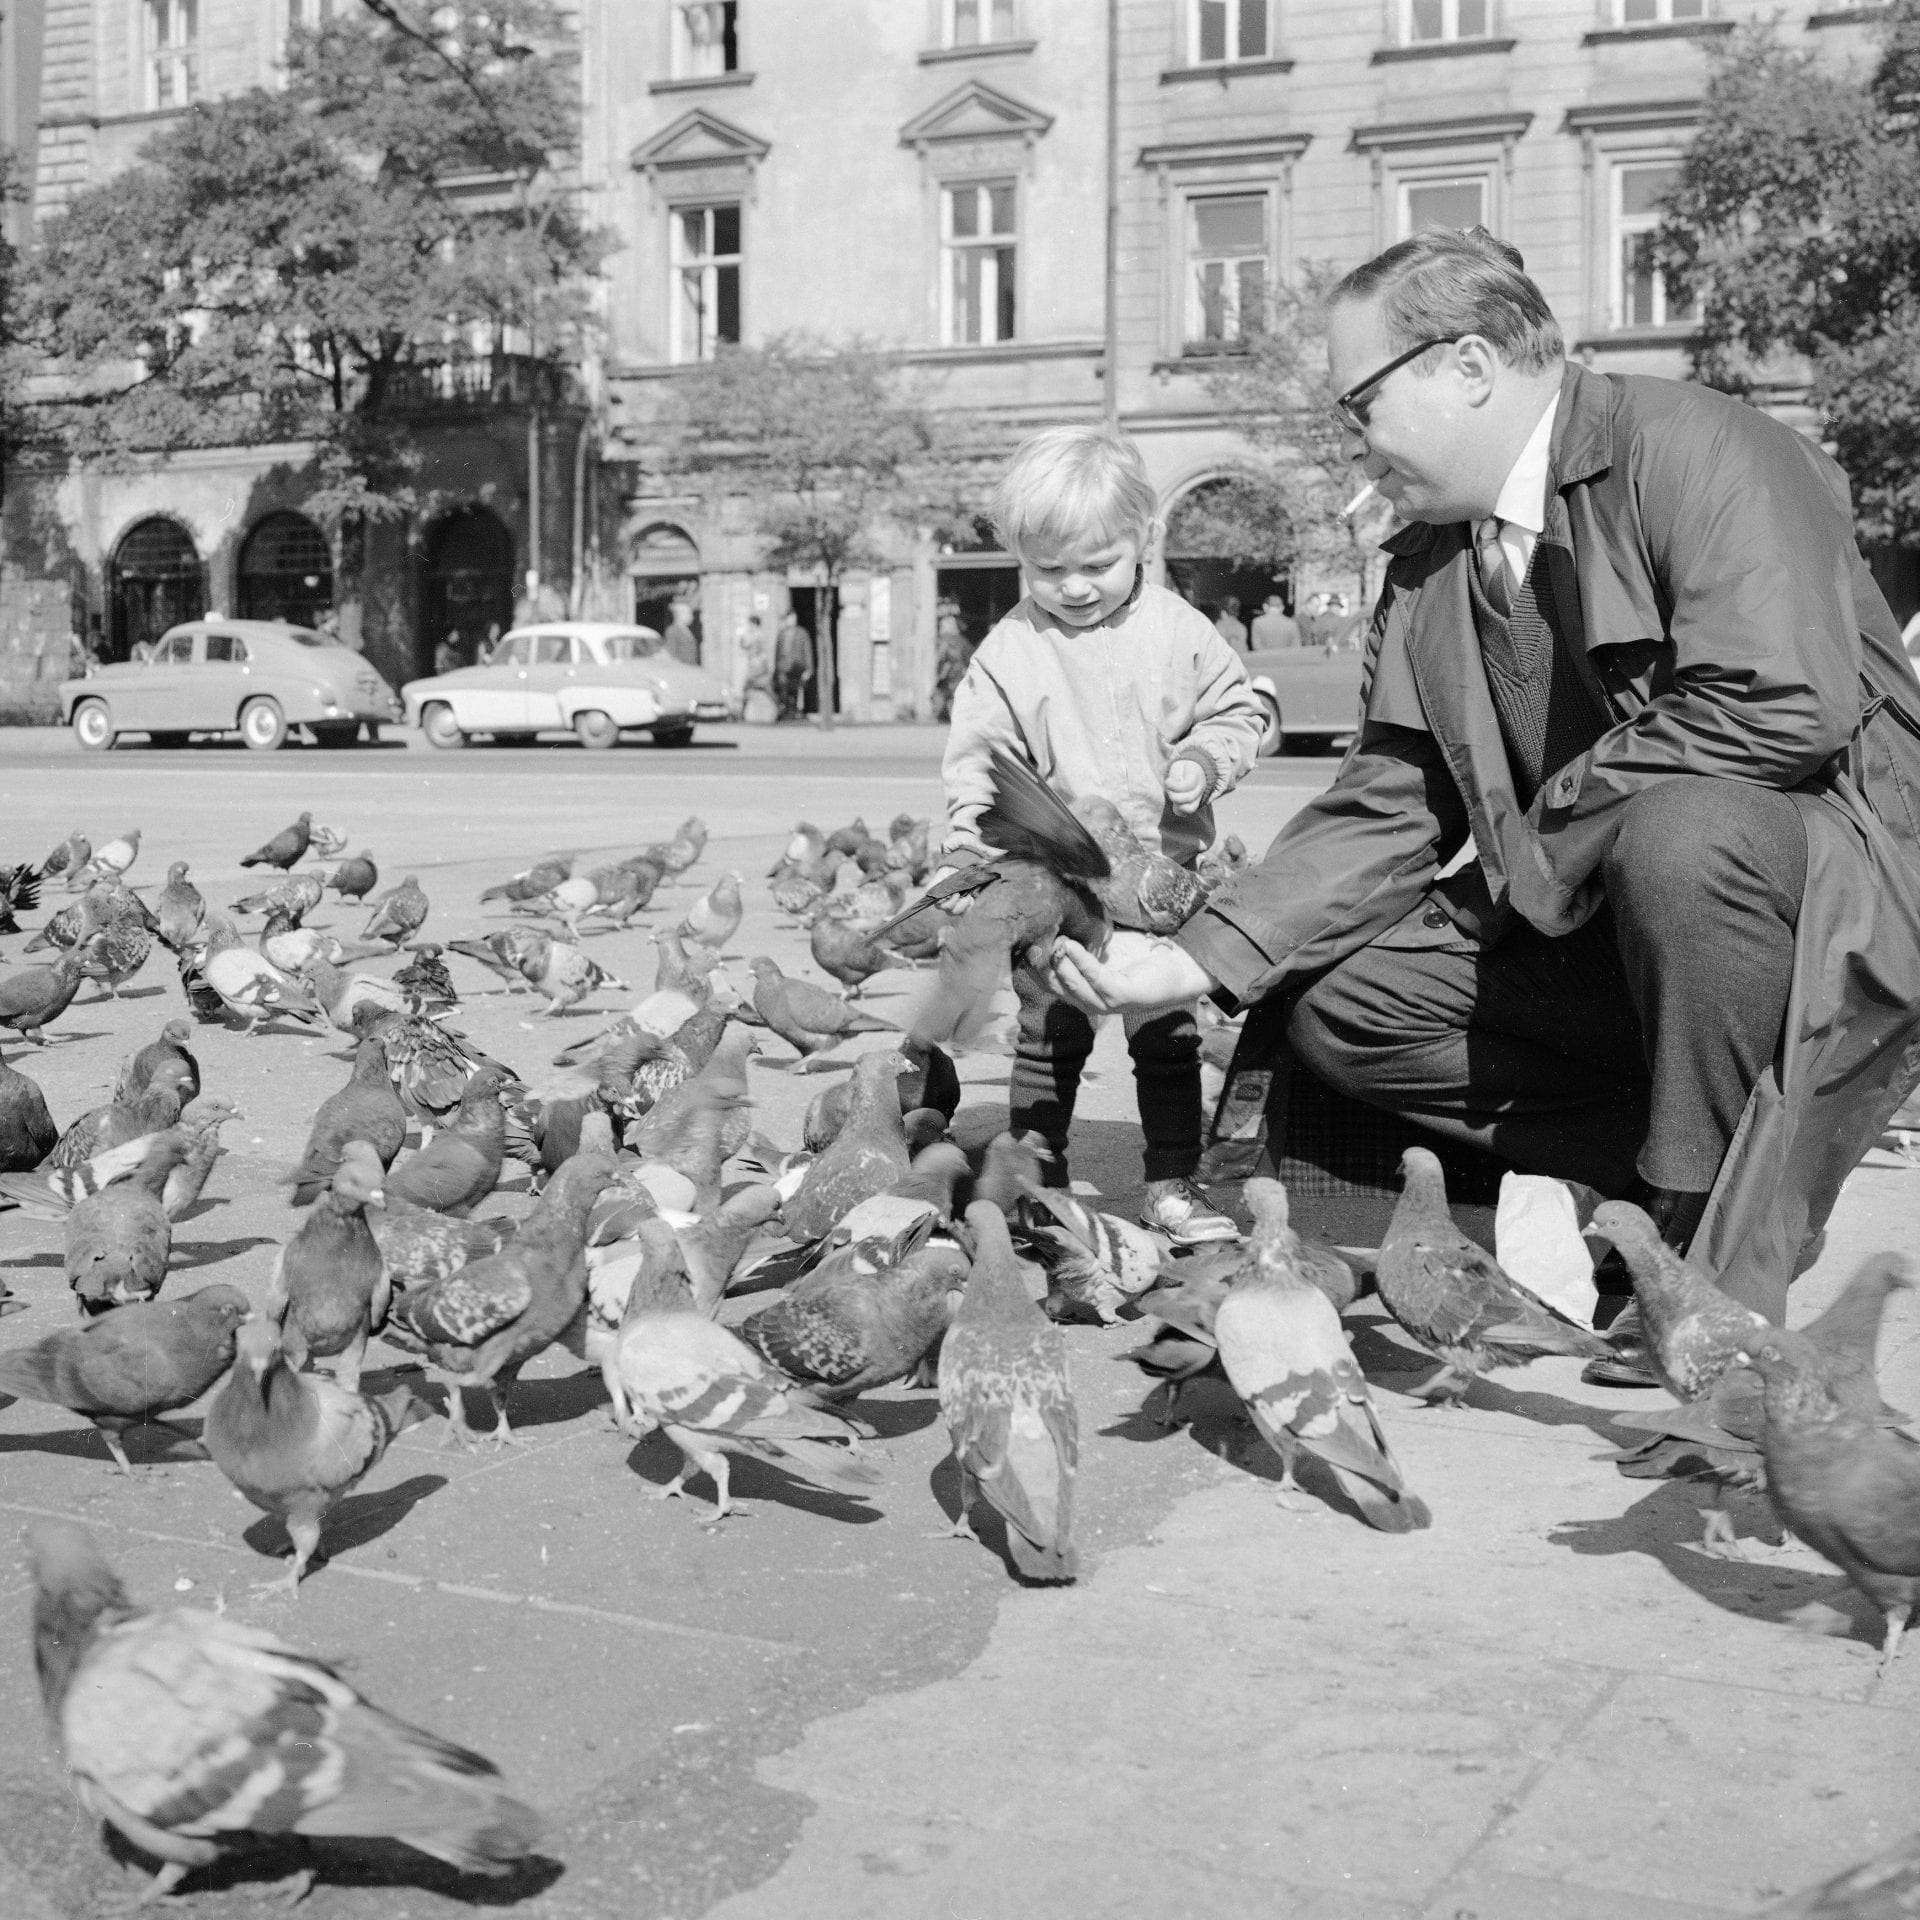 Gołębie w Krakowie, Rynek Główny lata 60. XX wieku